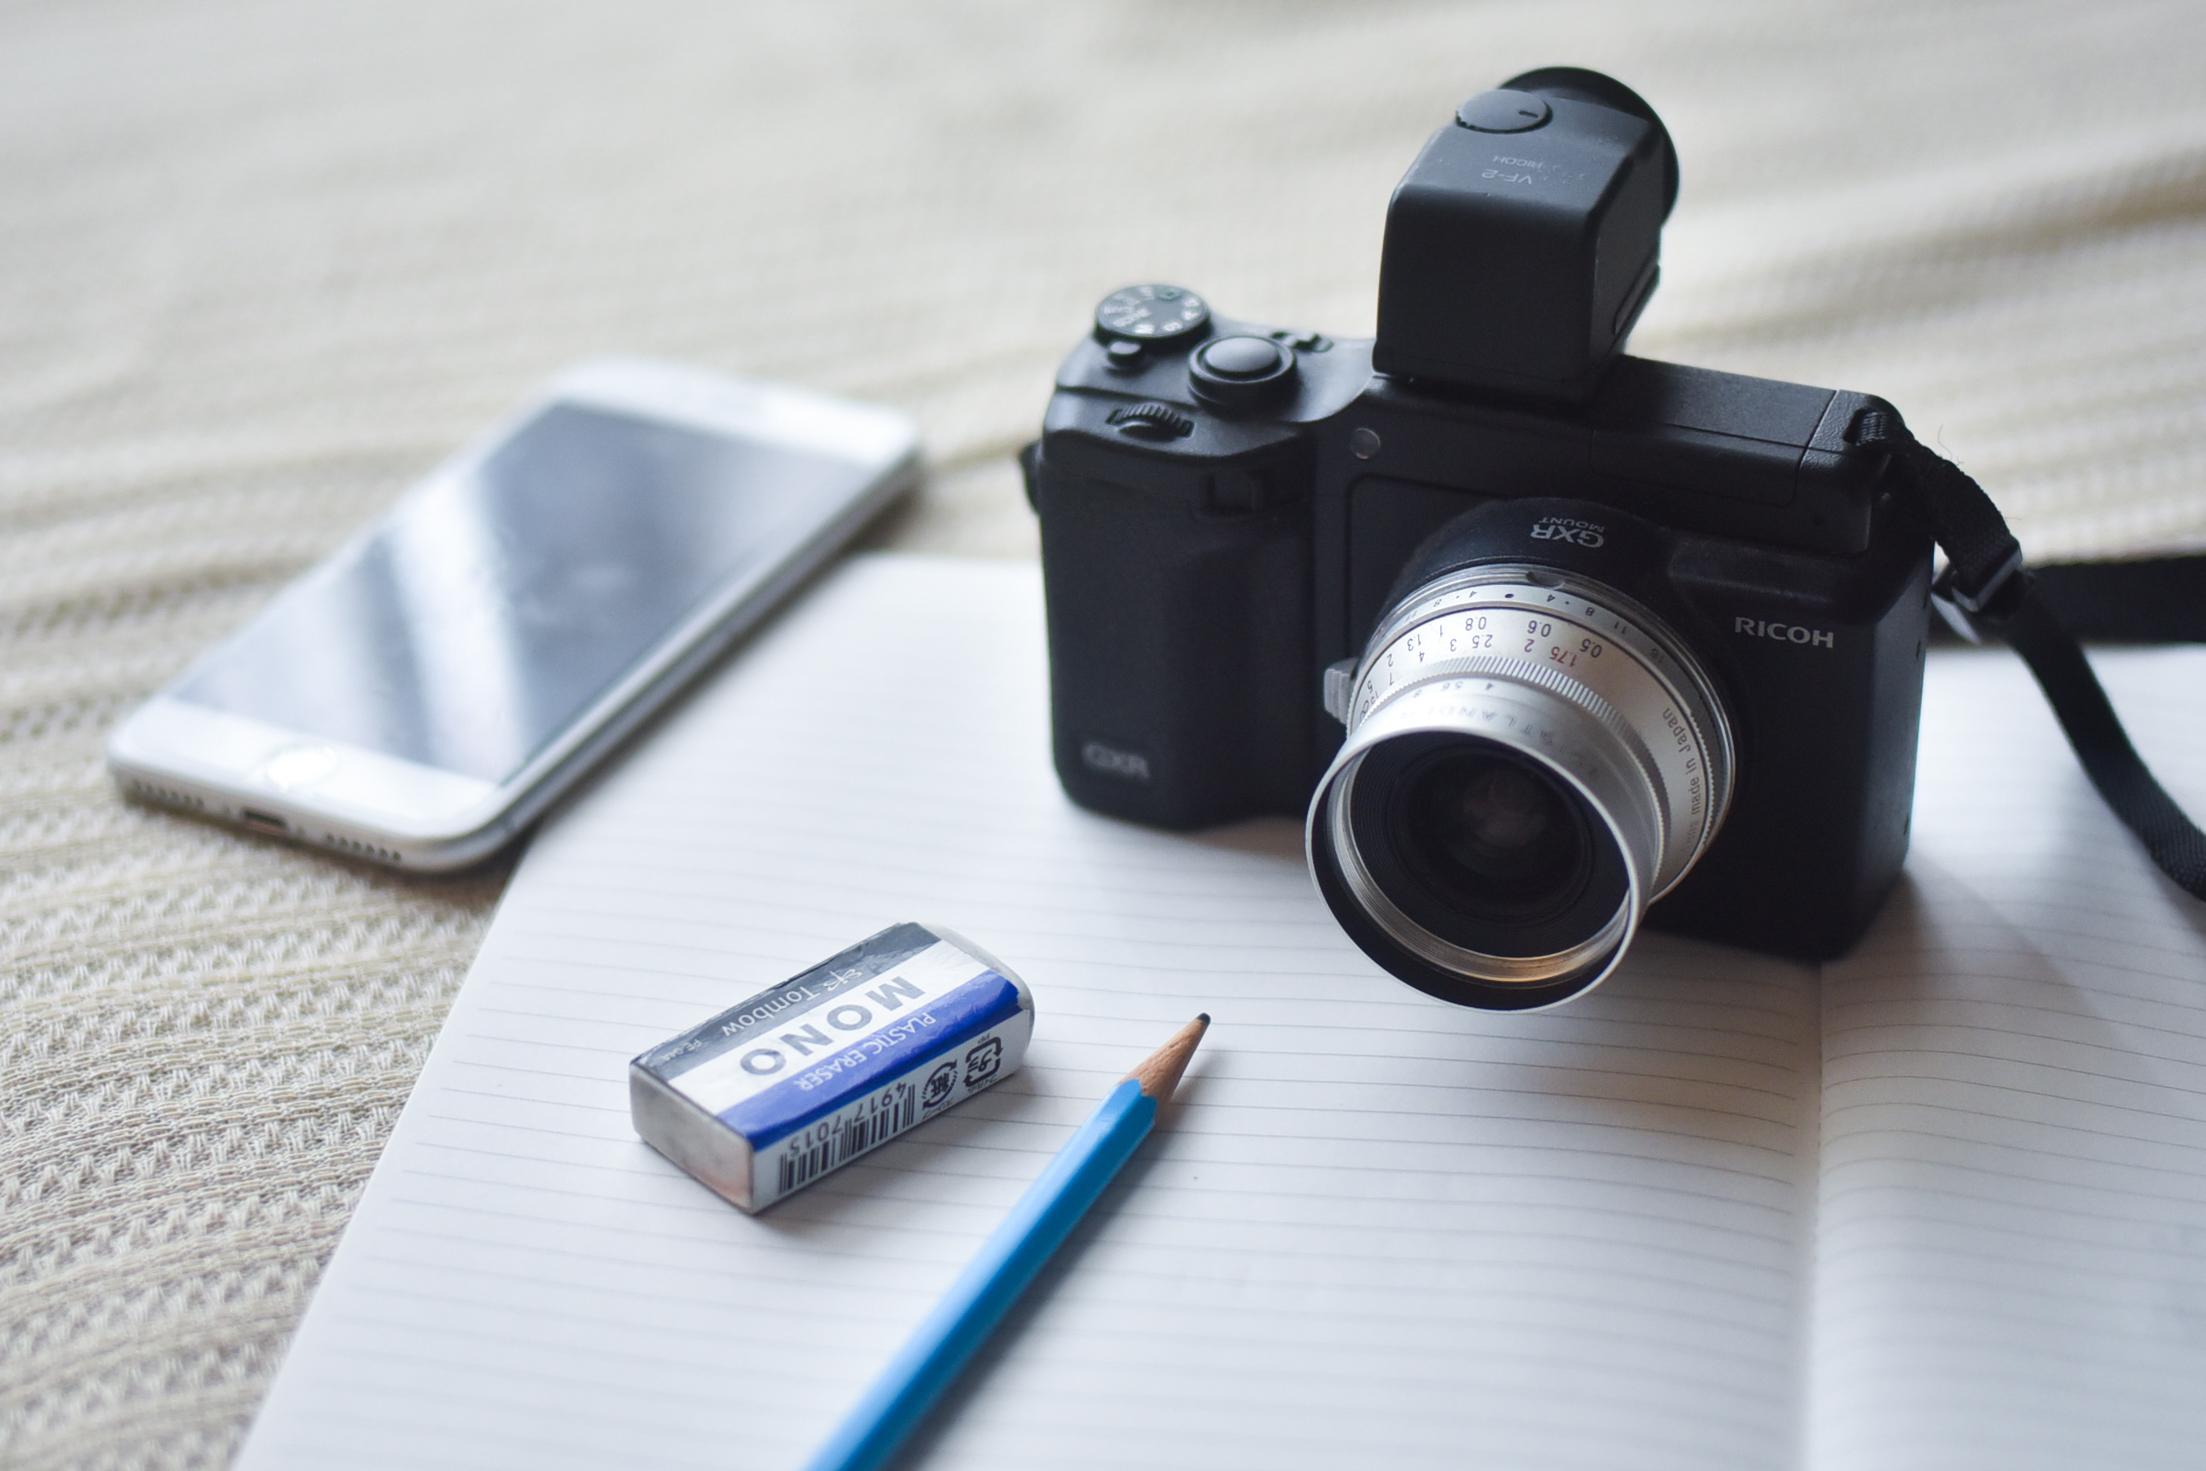 カメラとスマホと鉛筆と消しゴム